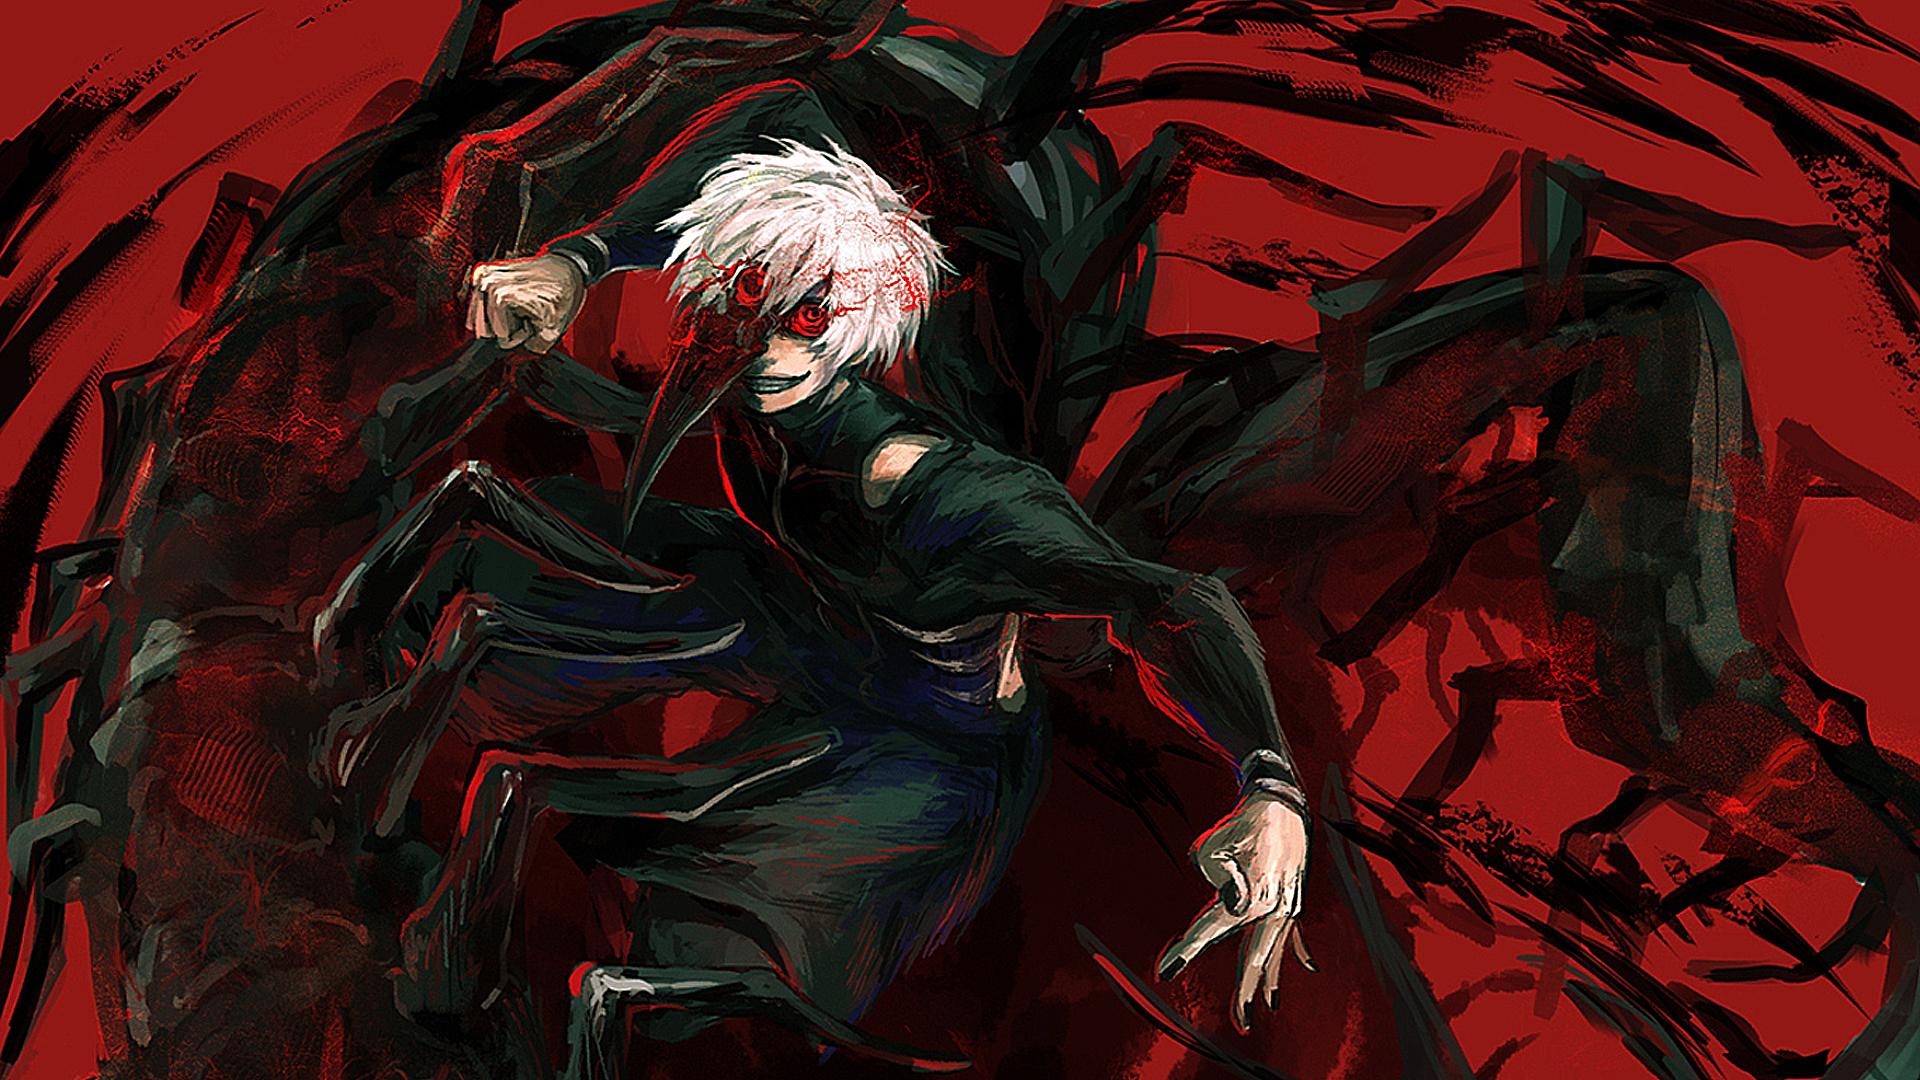 kaneki ken tokyo ghoul wallpaper - photo #18